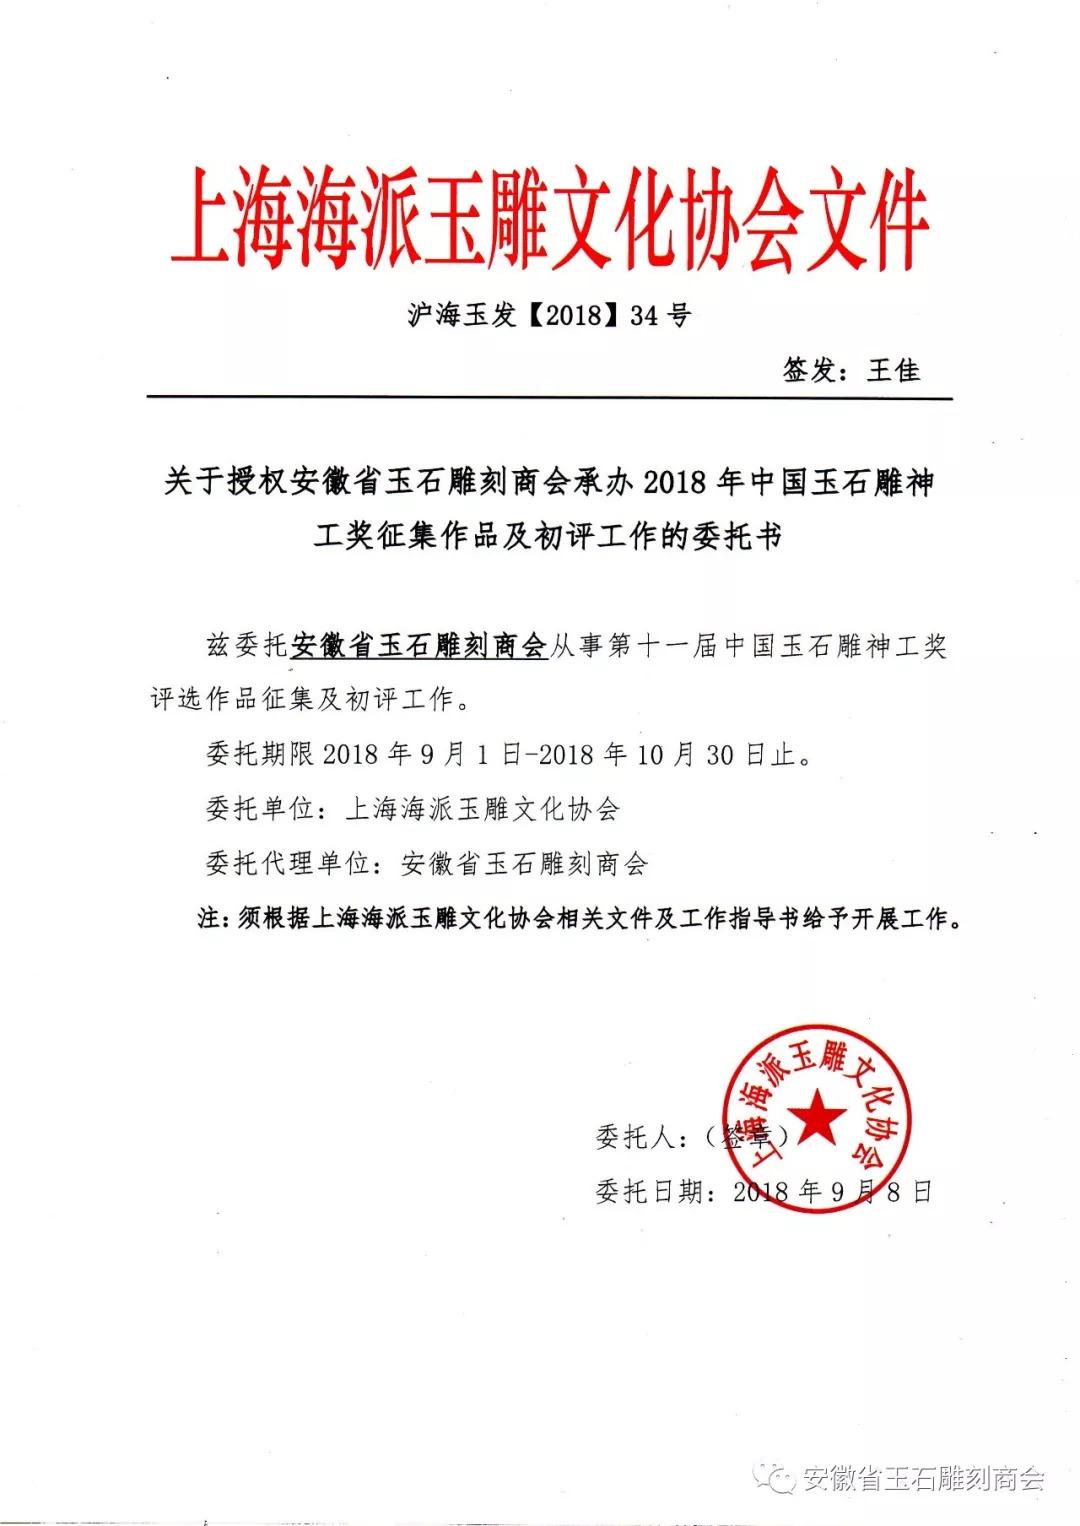 關于征集第十一屆中國玉石雕神工獎評選作品的通知